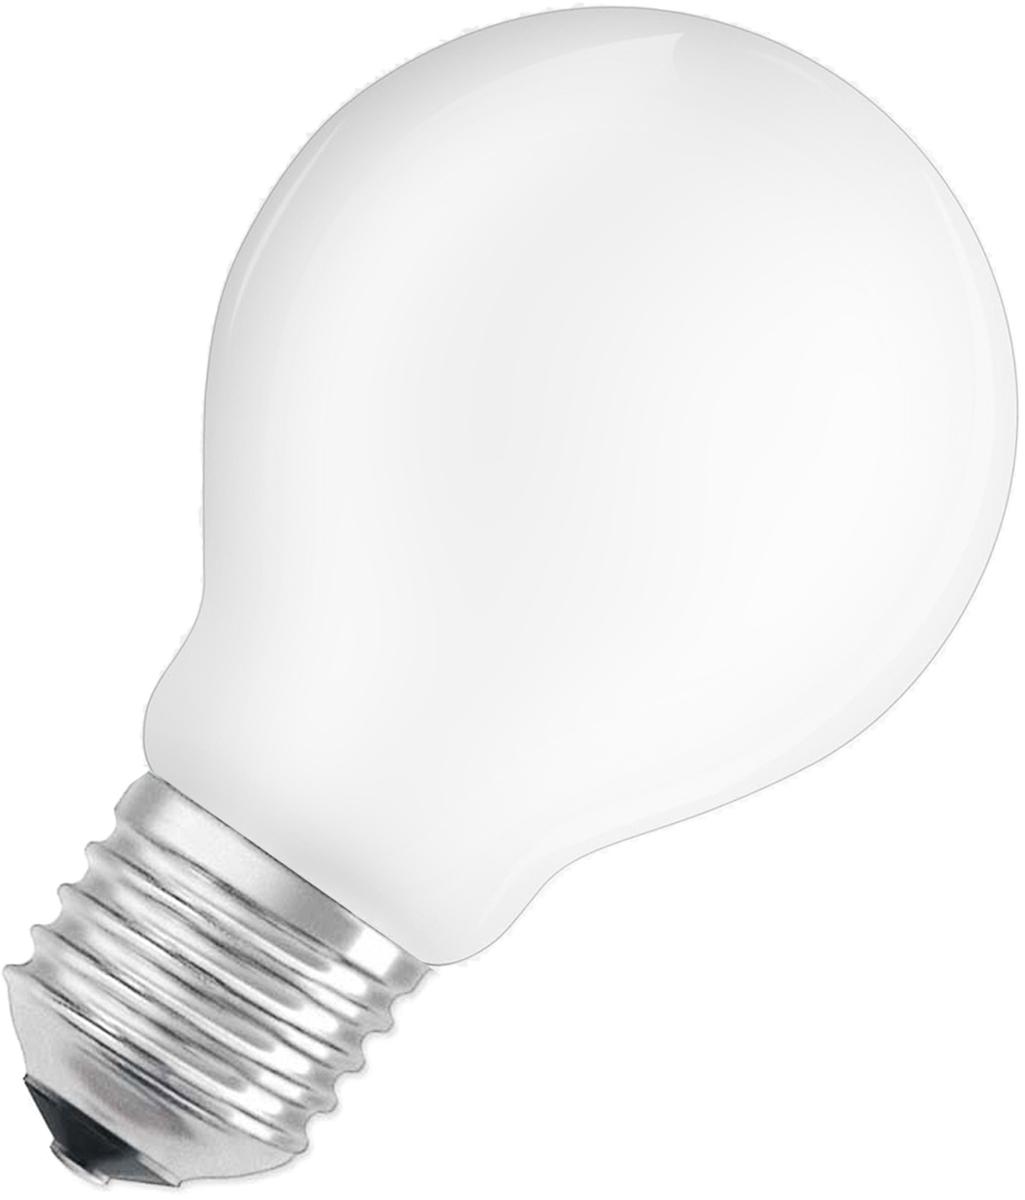 """Лампа накаливания Osram """"Classic"""" A FR 75Вт E27 220-240В. 4008321419682"""